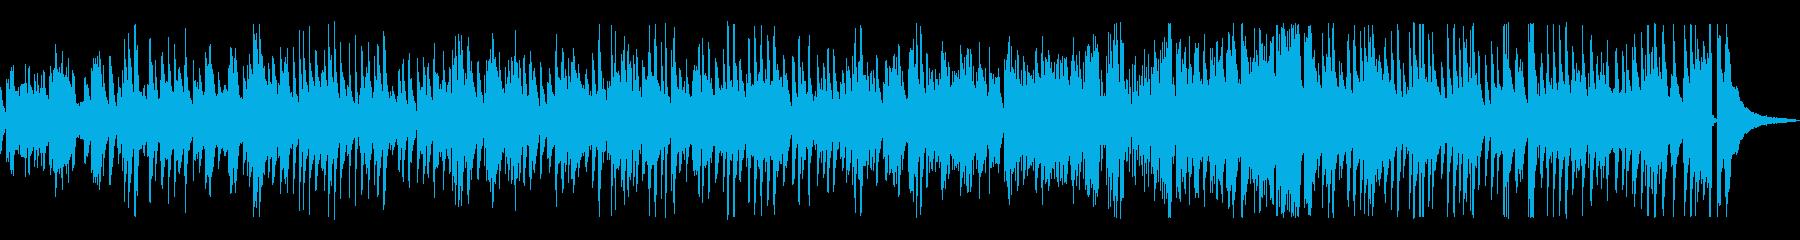 ゆっくりめのジャズ風ラウンジピアノの再生済みの波形